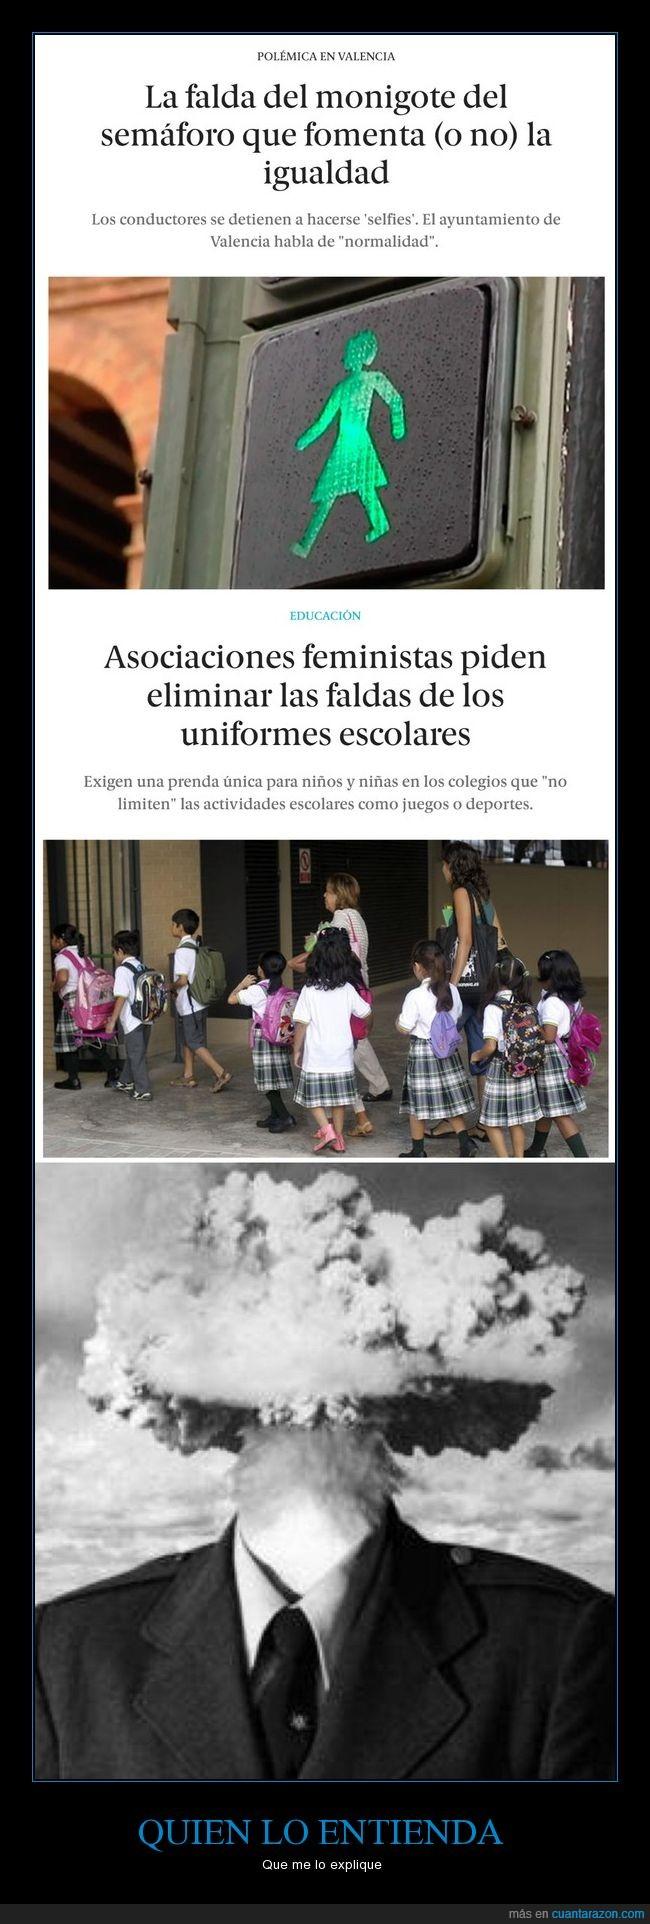 colegio,faldas,feministas,mujeres,poner,quitar,semáforos